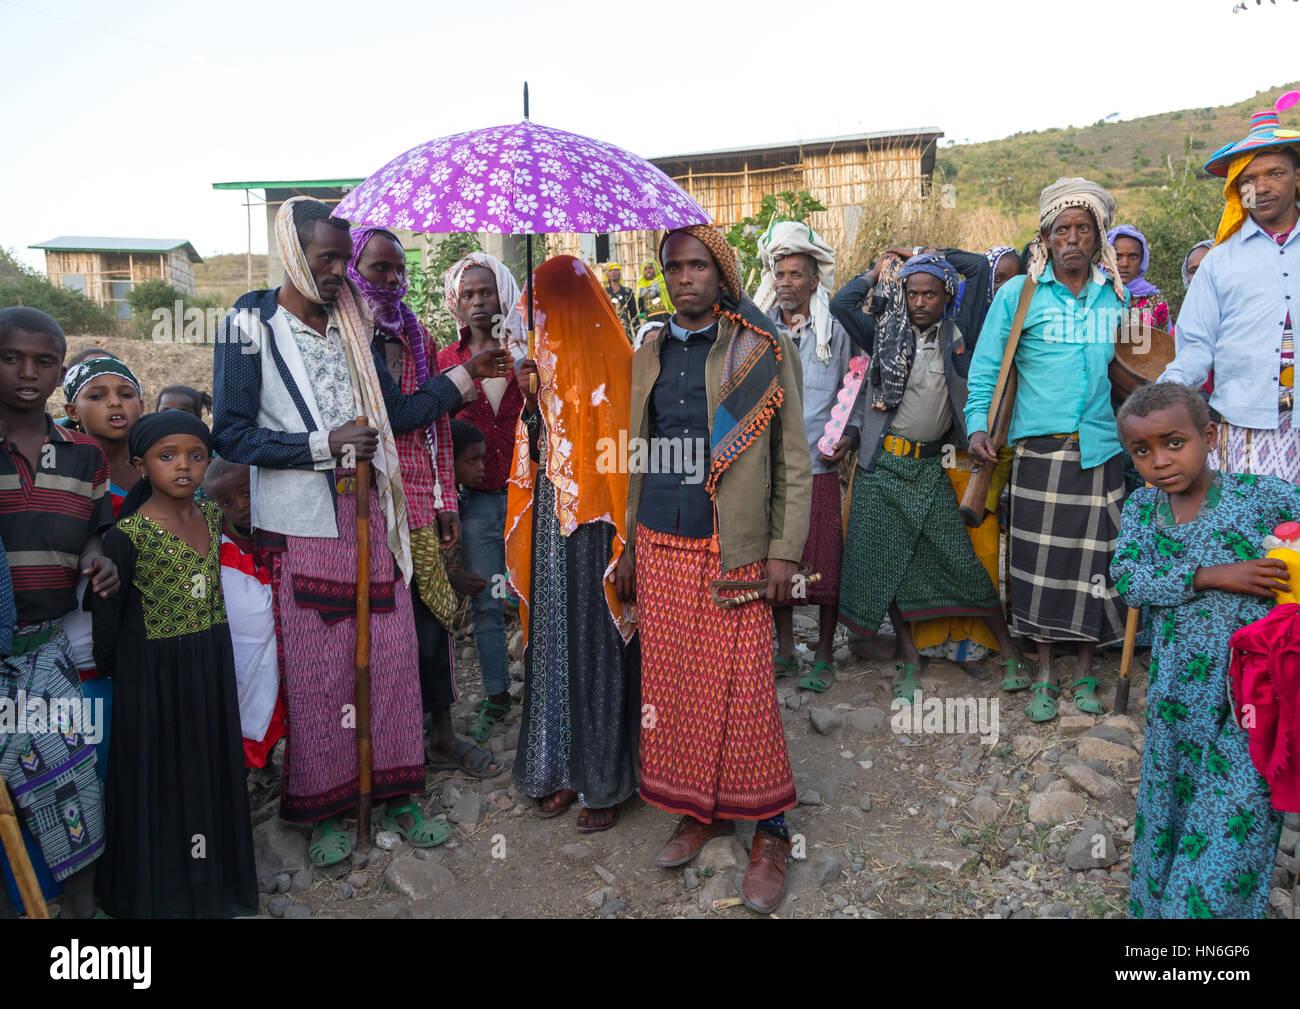 Oromo People During Wedding Celebration Stock Photos & Oromo